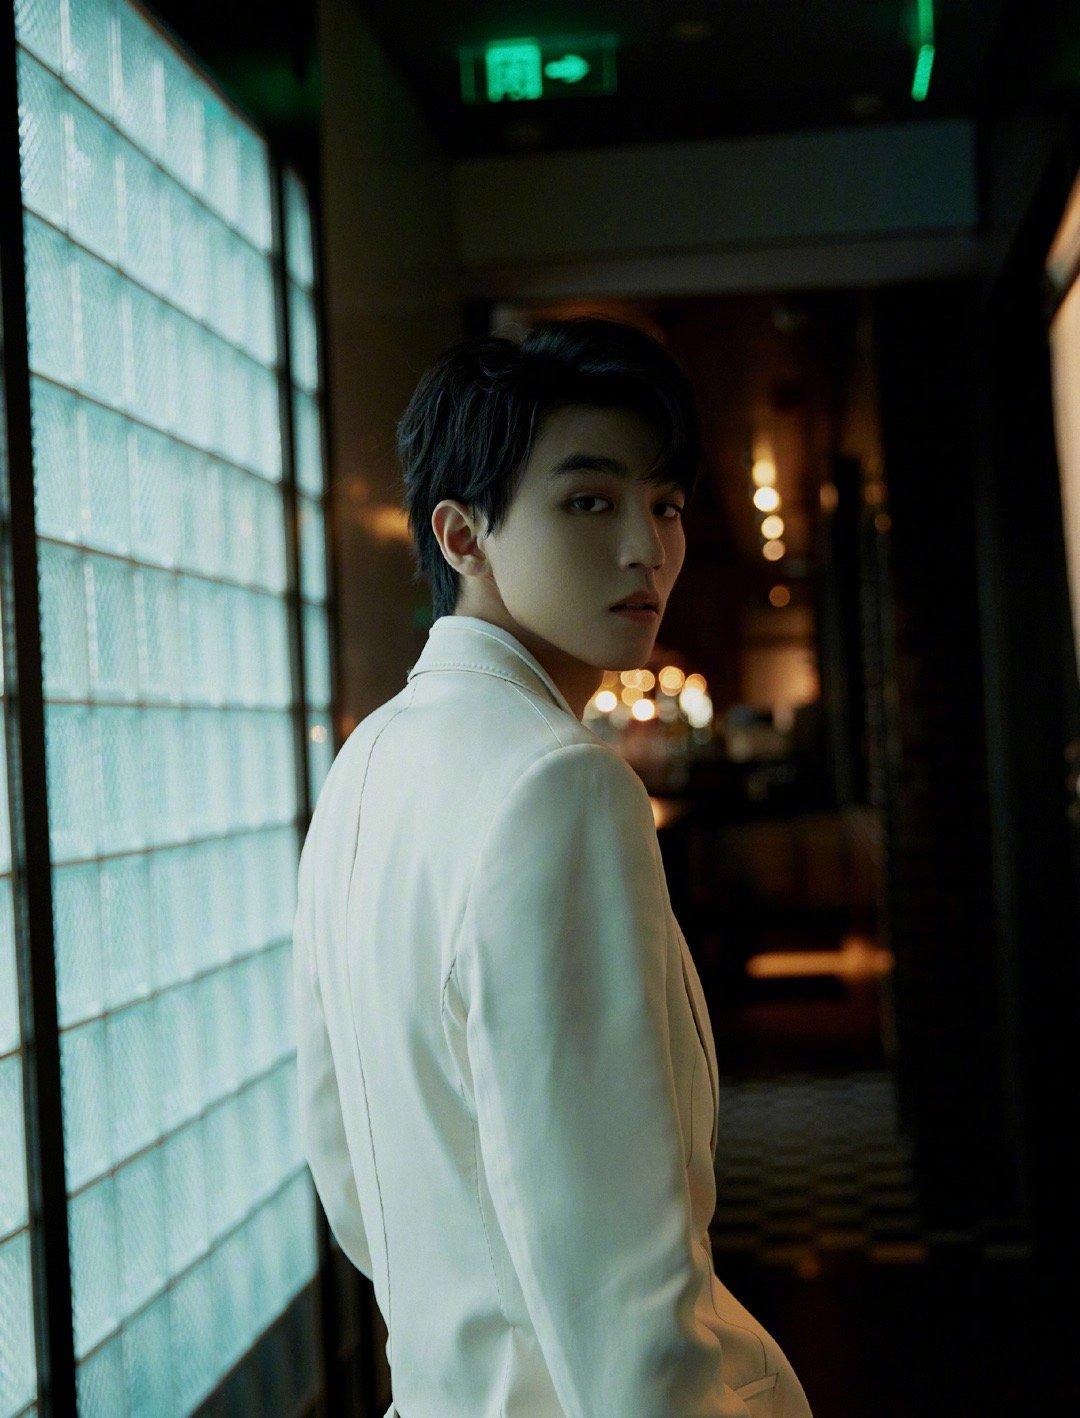 王俊凯米色西装尽显优雅风范,于闪耀瞬间遇见撷光少年,锋芒来袭!